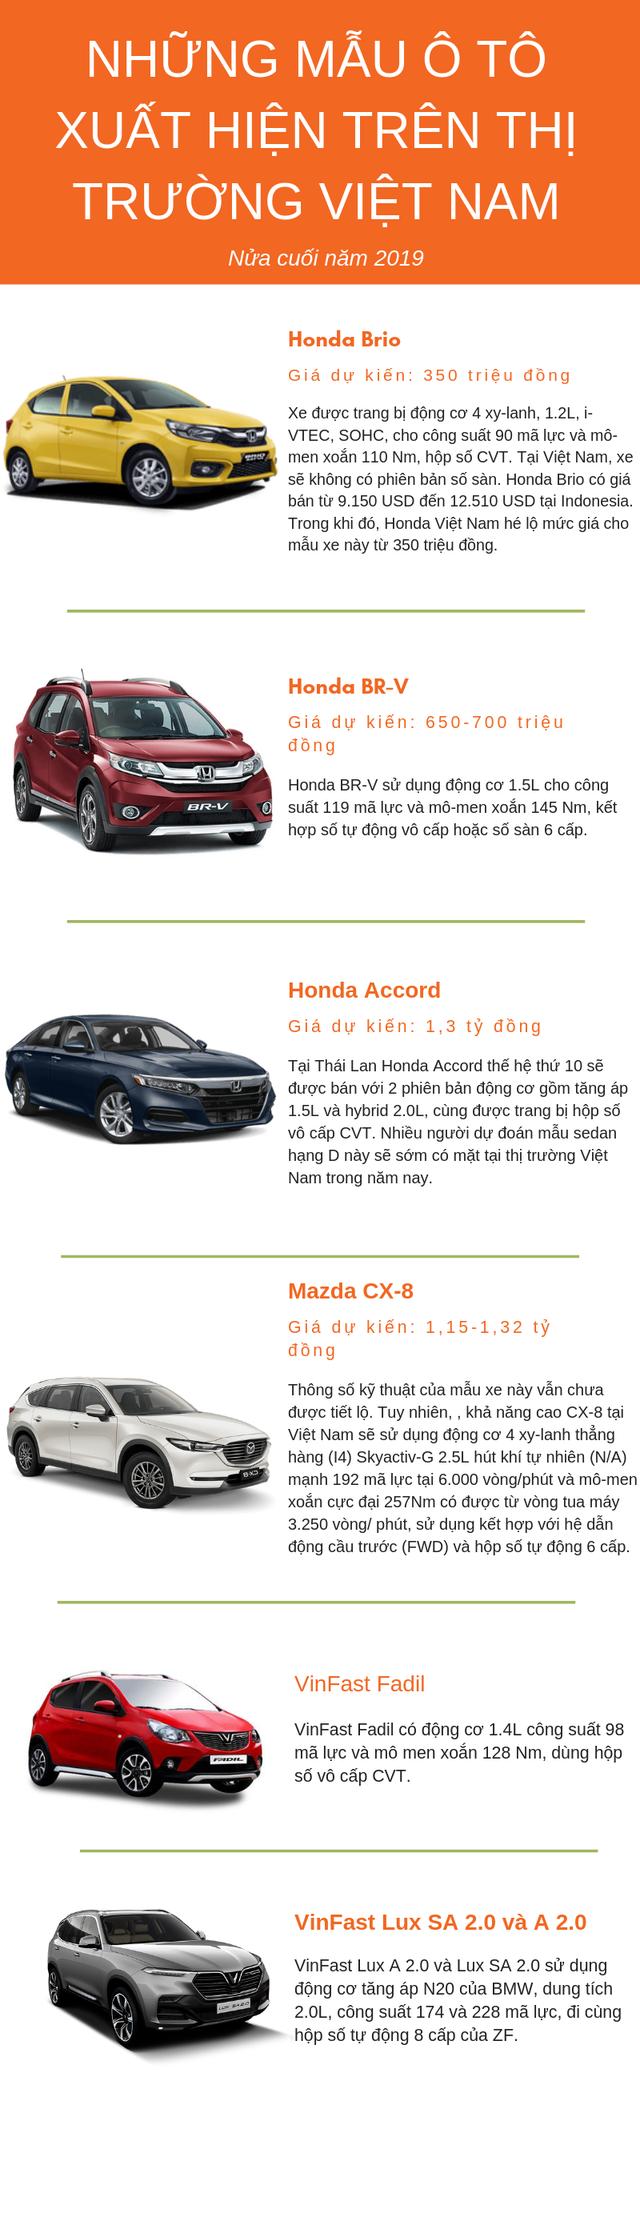 Điểm danh những mẫu xe ô tô sắp xuất hiện trên thị trường Việt nửa cuối năm 2019, giá chỉ từ 350 triệu đồng - Ảnh 1.